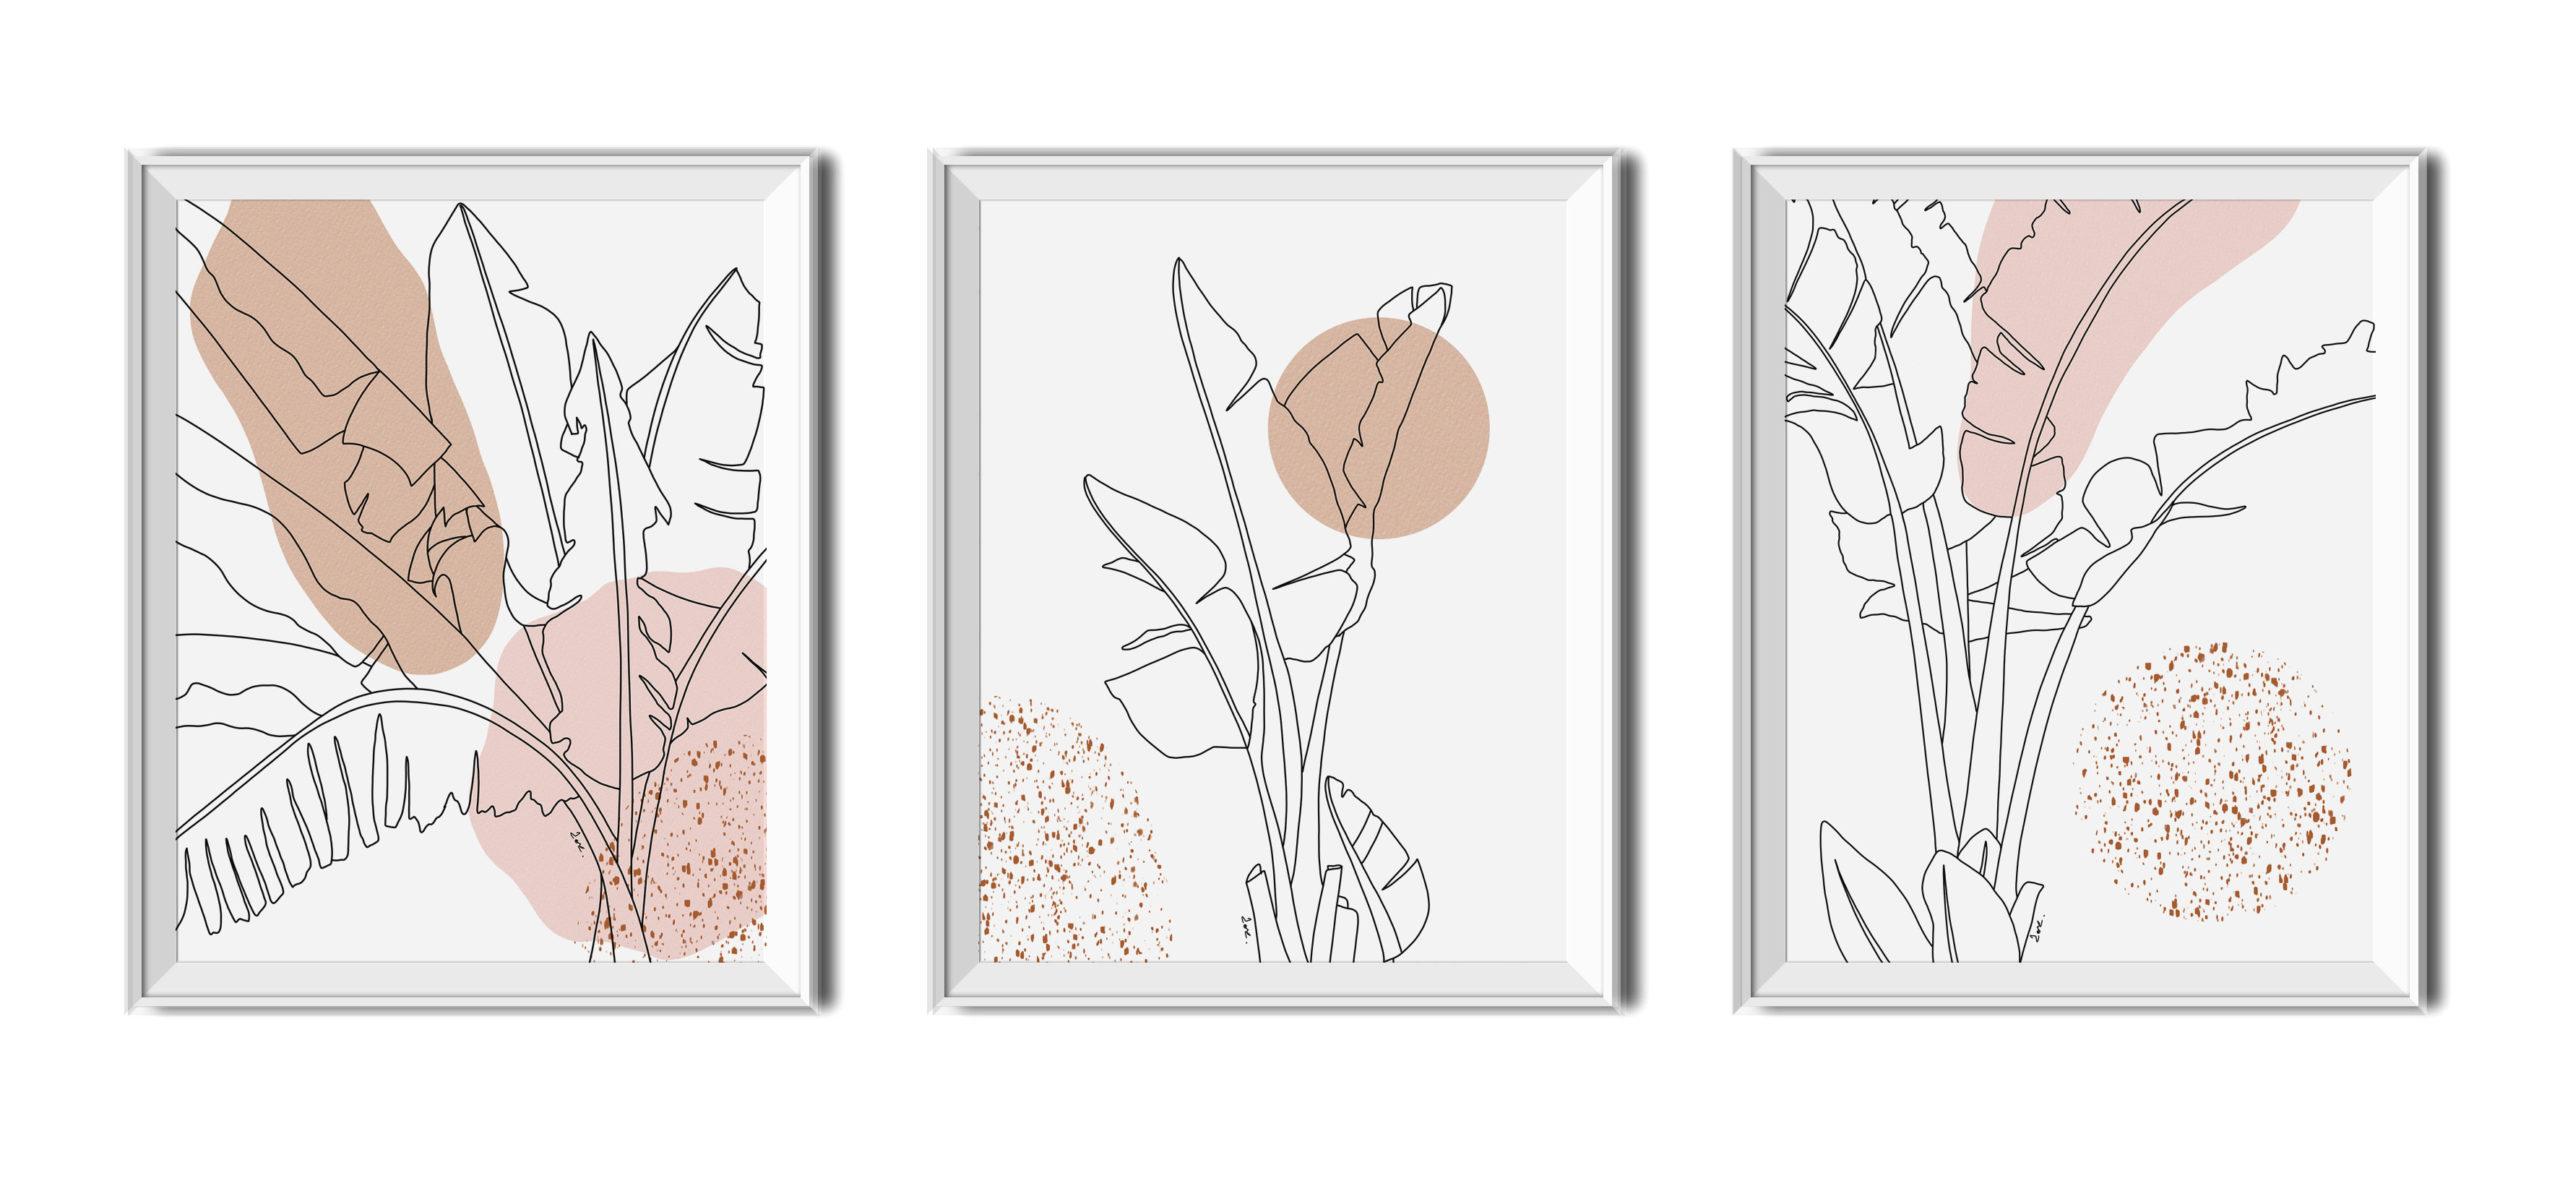 Plakaty do druku, tryptyk,liść bananowca